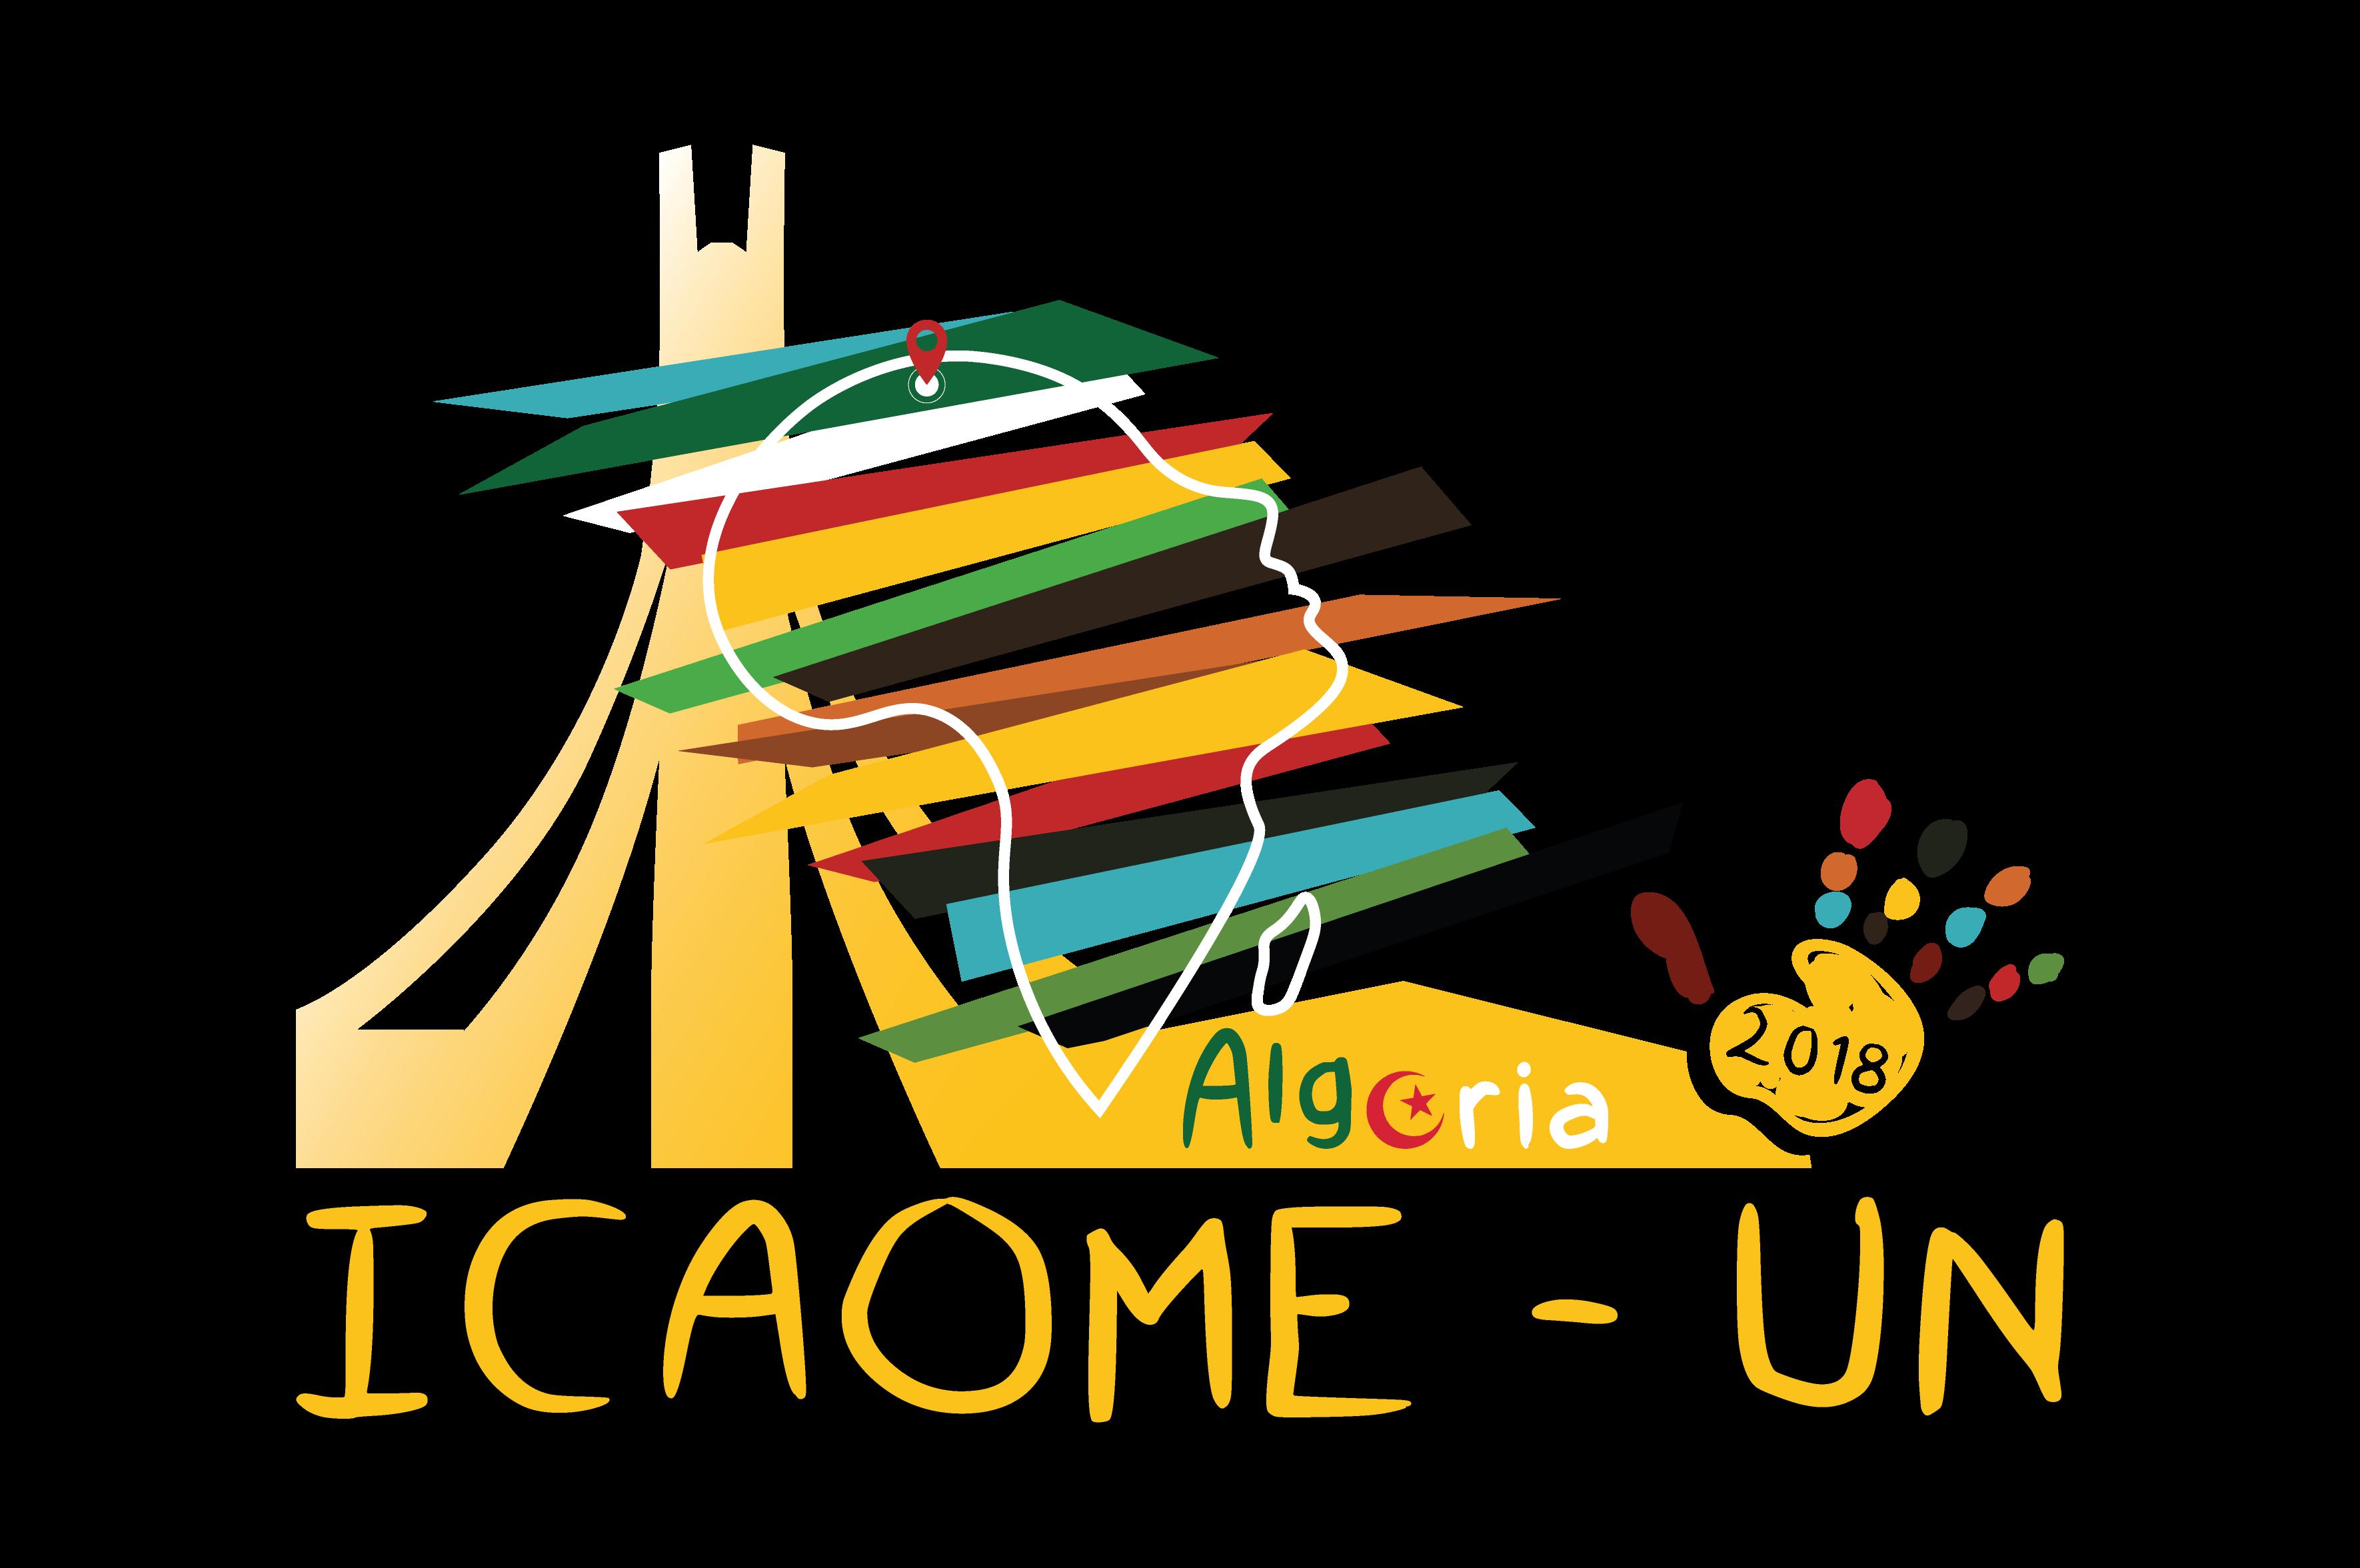 CIOAME-ONU Alger 2018